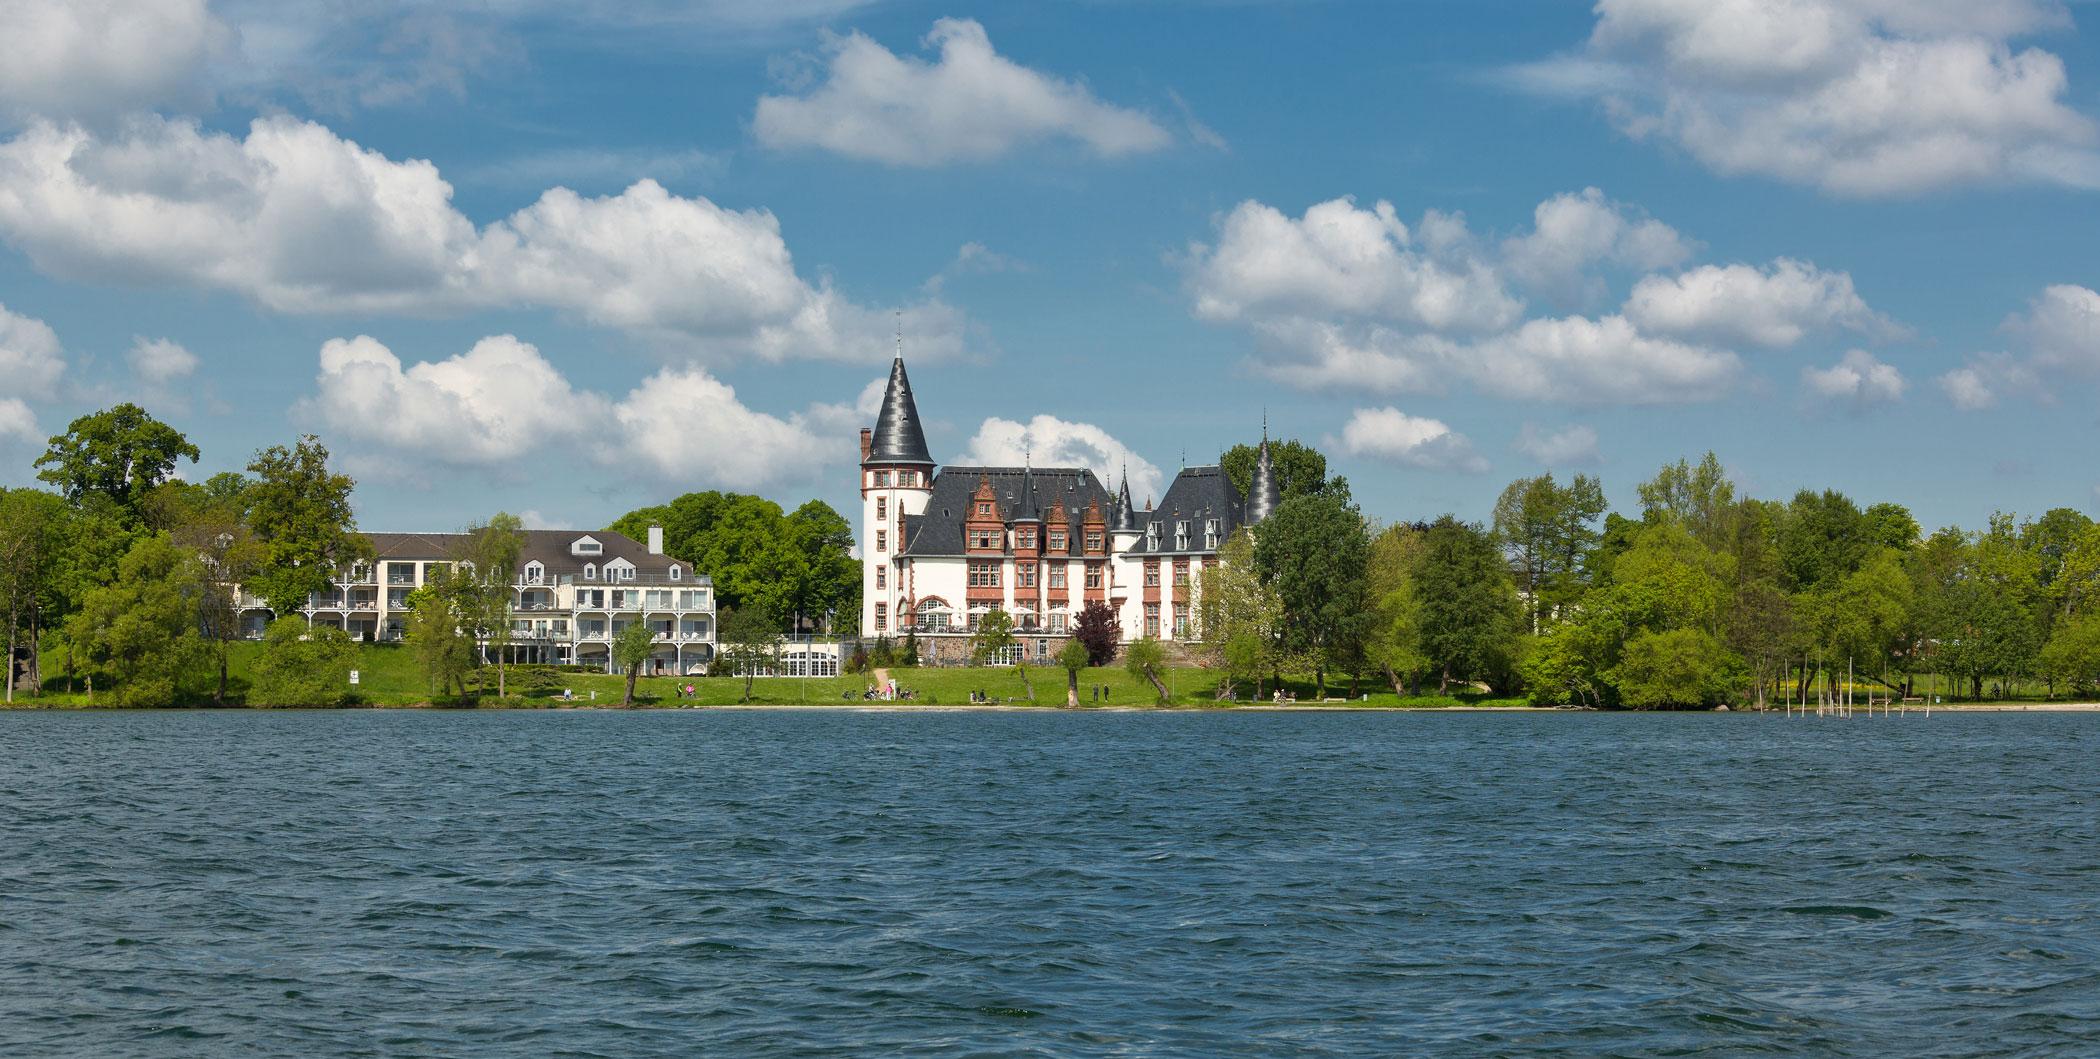 Schifffahrt zum Schloss der Müritz